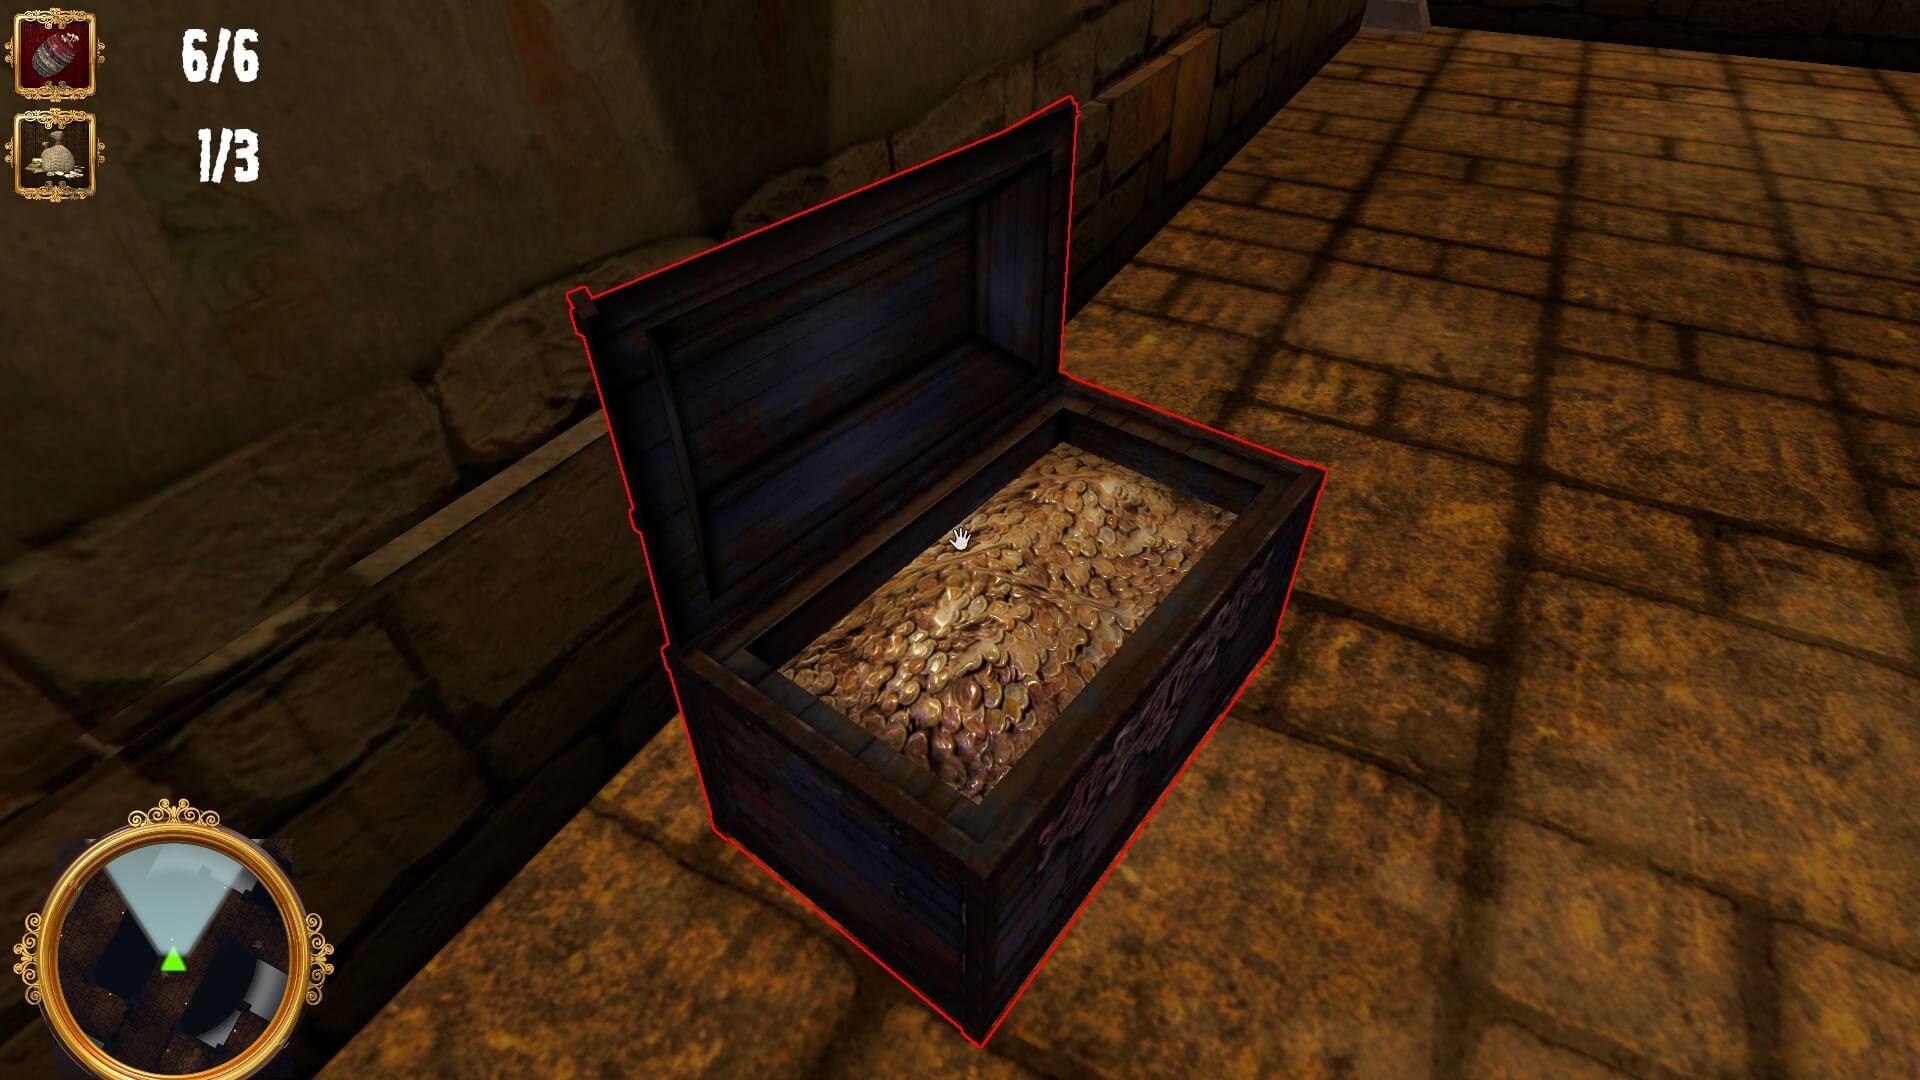 The Caretaker – Dungeon Nightshift: Schatztruhe bereit für die nächste Abenteurergruppe (Bildrecht: Bluebox Interactive)